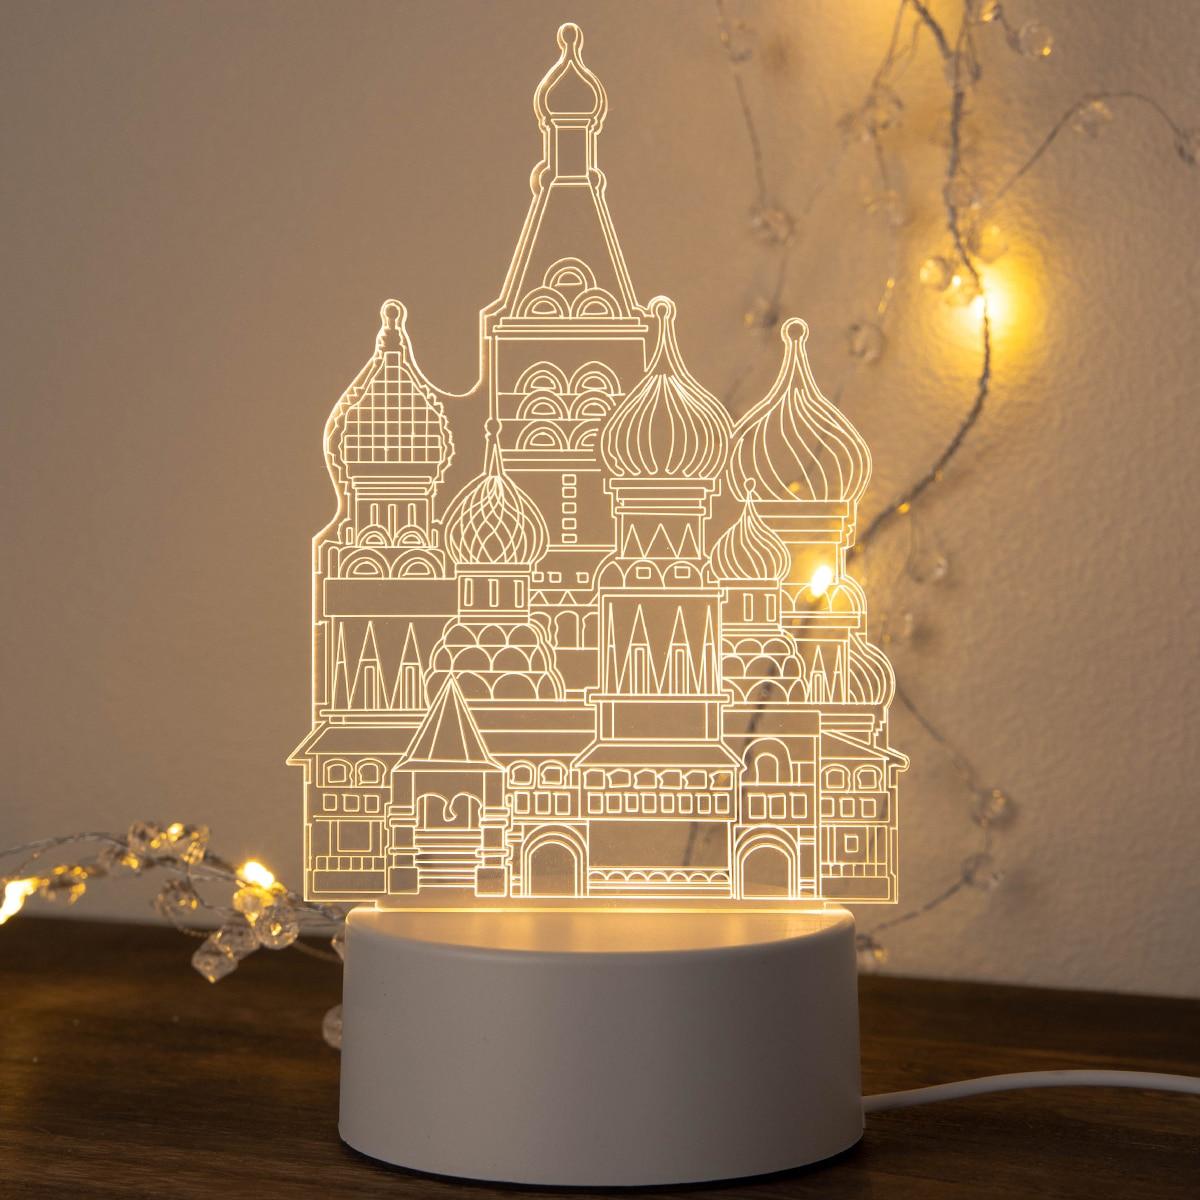 1 Stück 3 Farben veränderbares 3D Schloss Nachtlicht